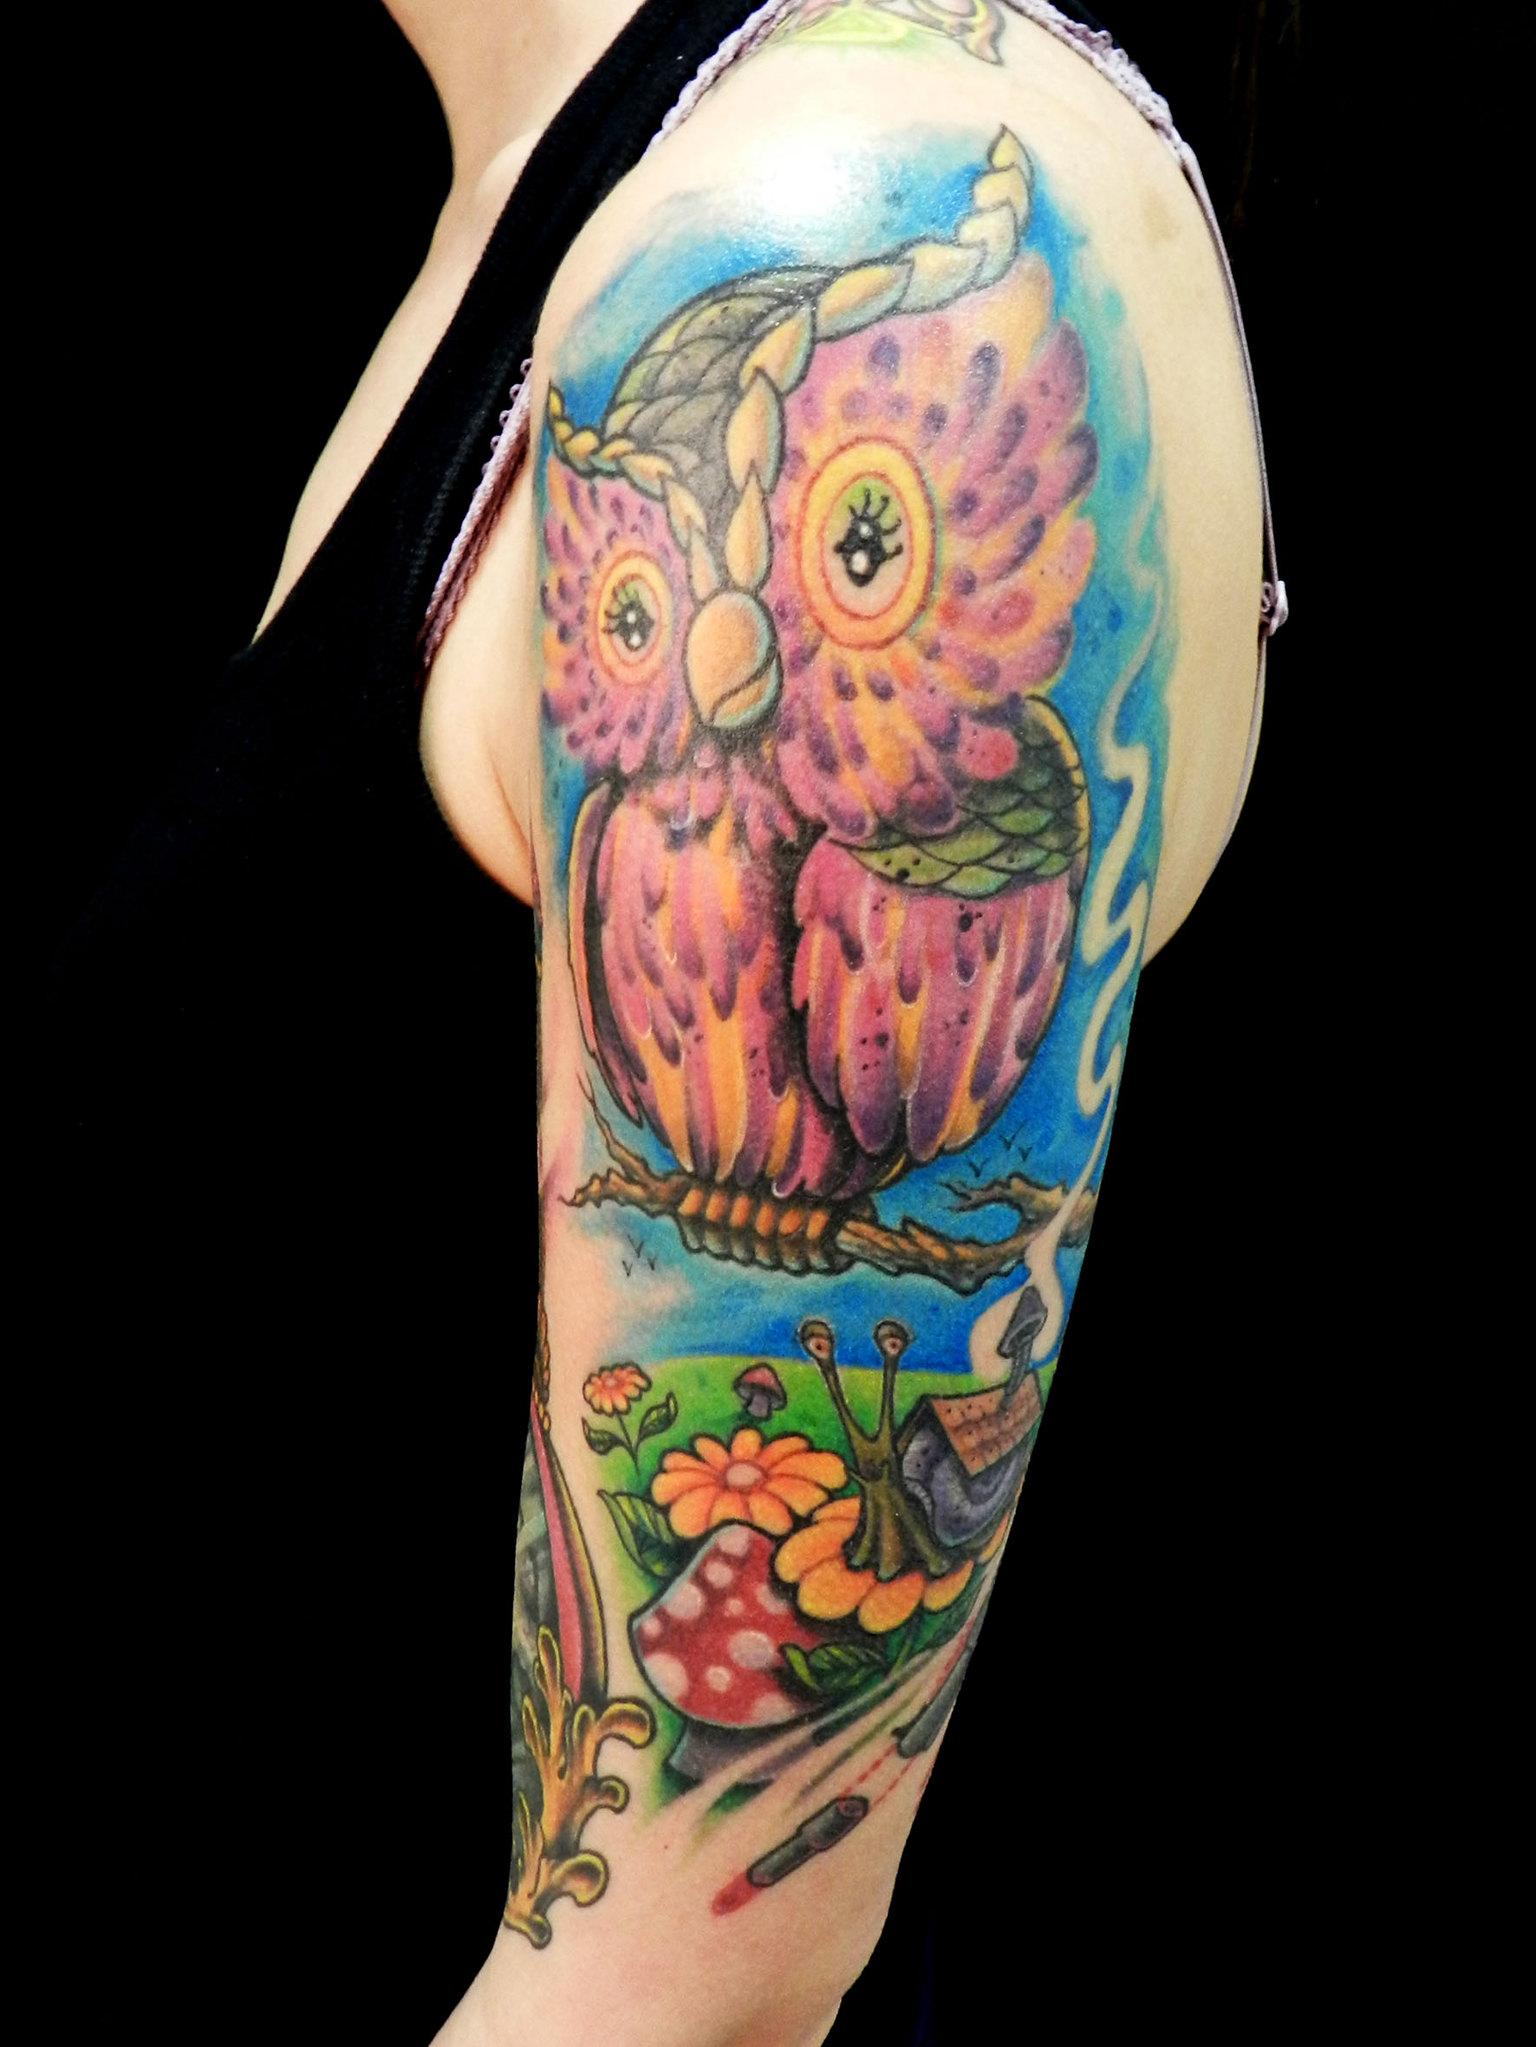 aussergew hnliche hervorragende tattoos tattoo 182. Black Bedroom Furniture Sets. Home Design Ideas